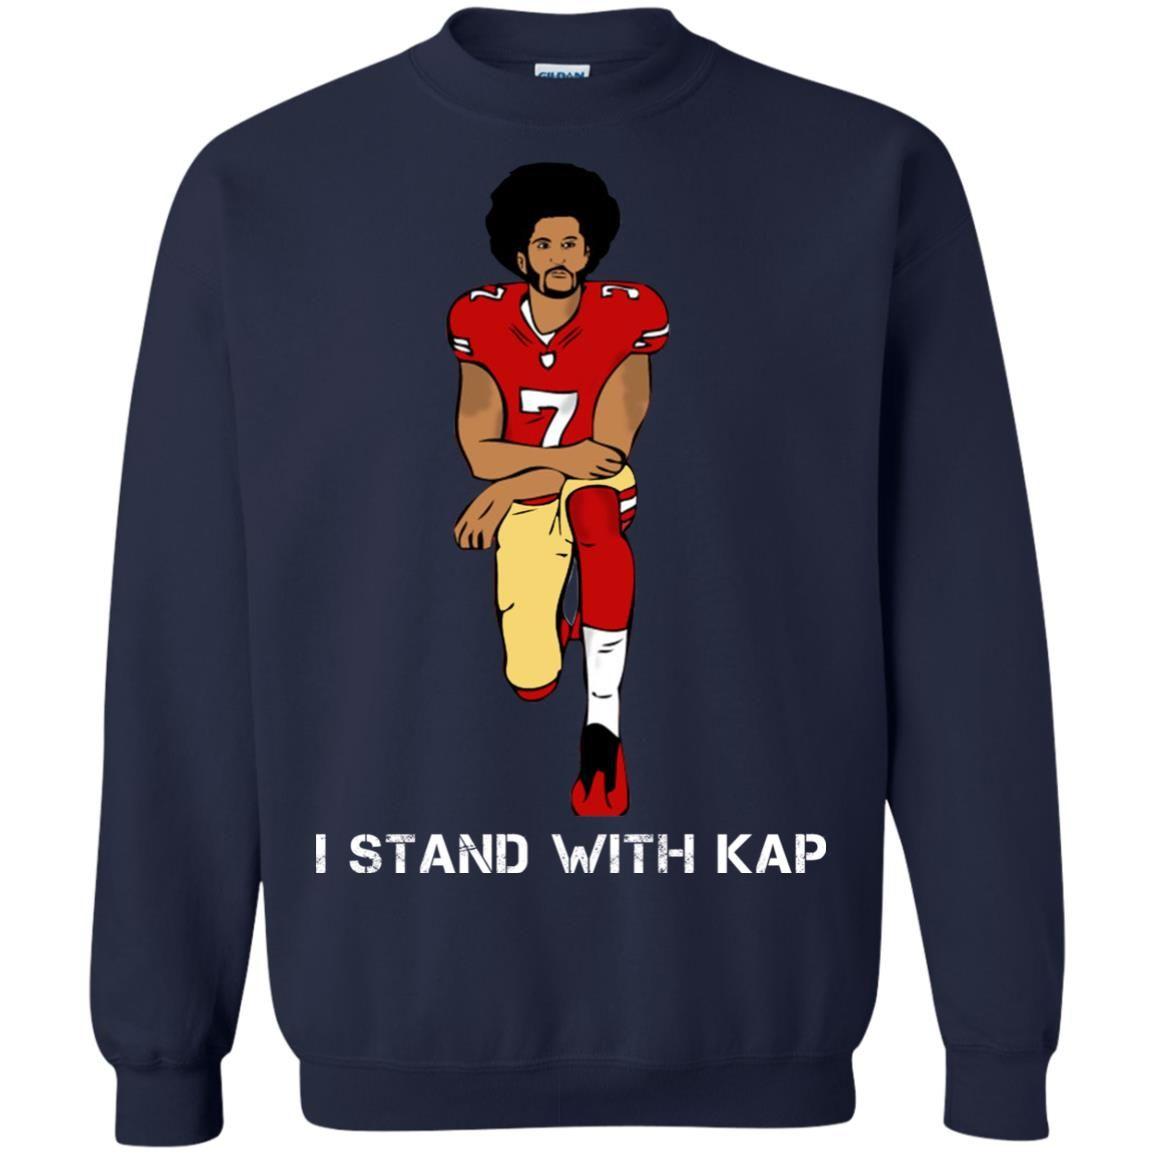 image 1941 - I stand with Kap shirt, hoodie